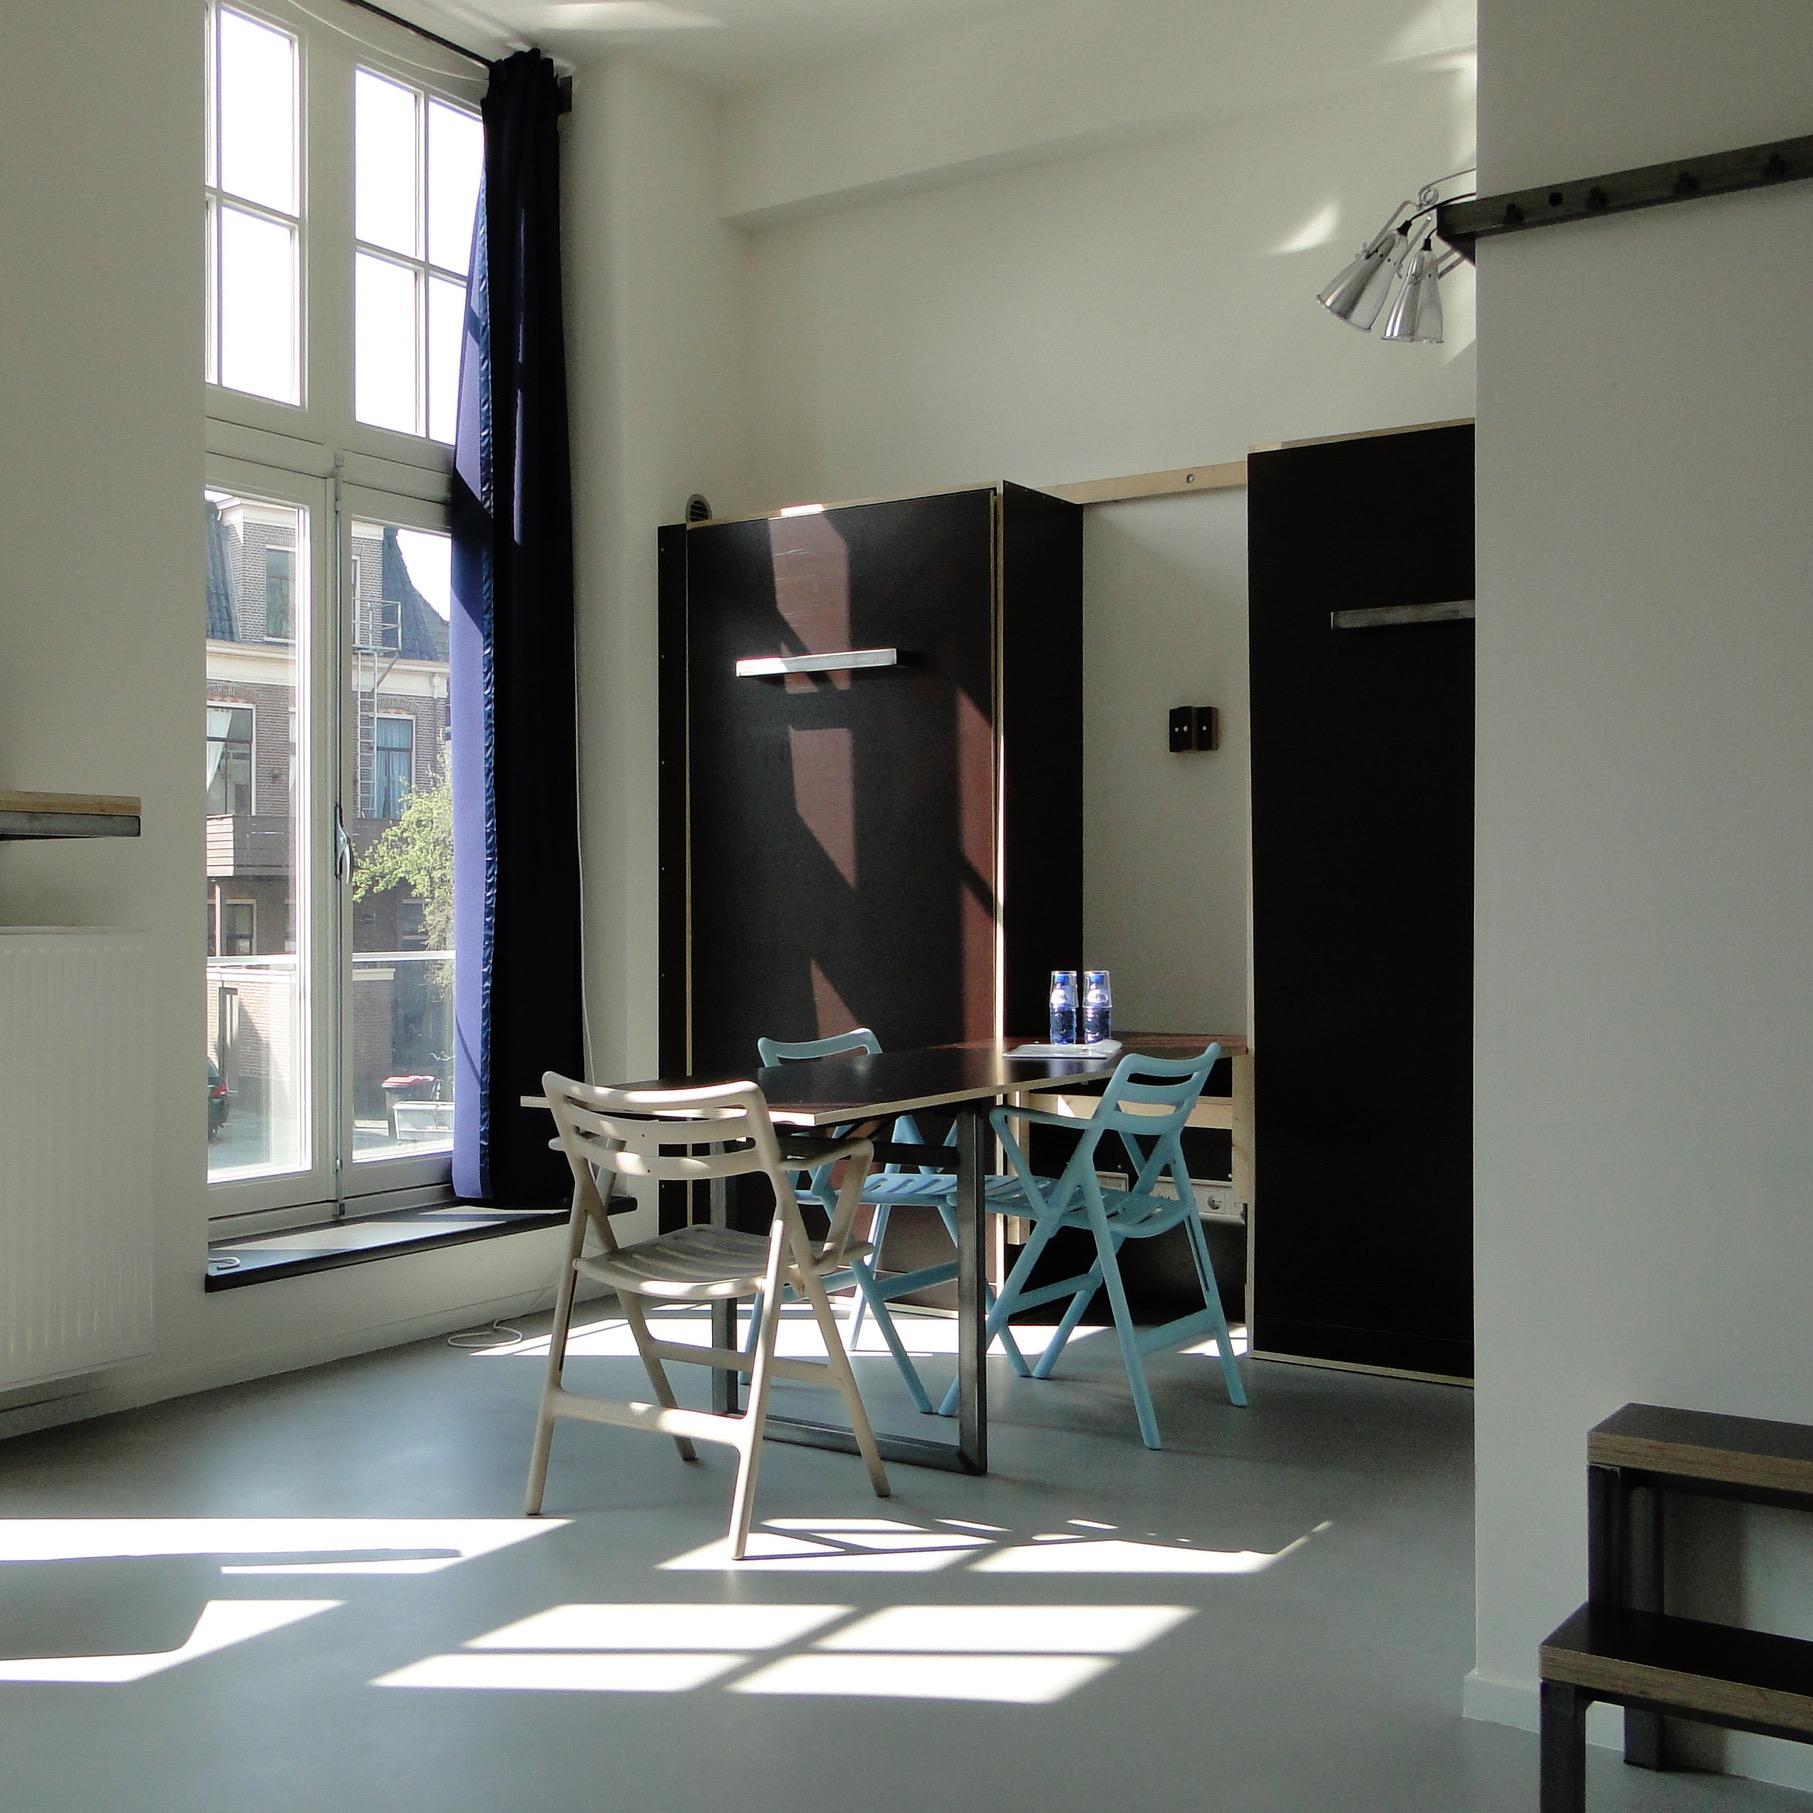 Kamer 'Constructivisme'